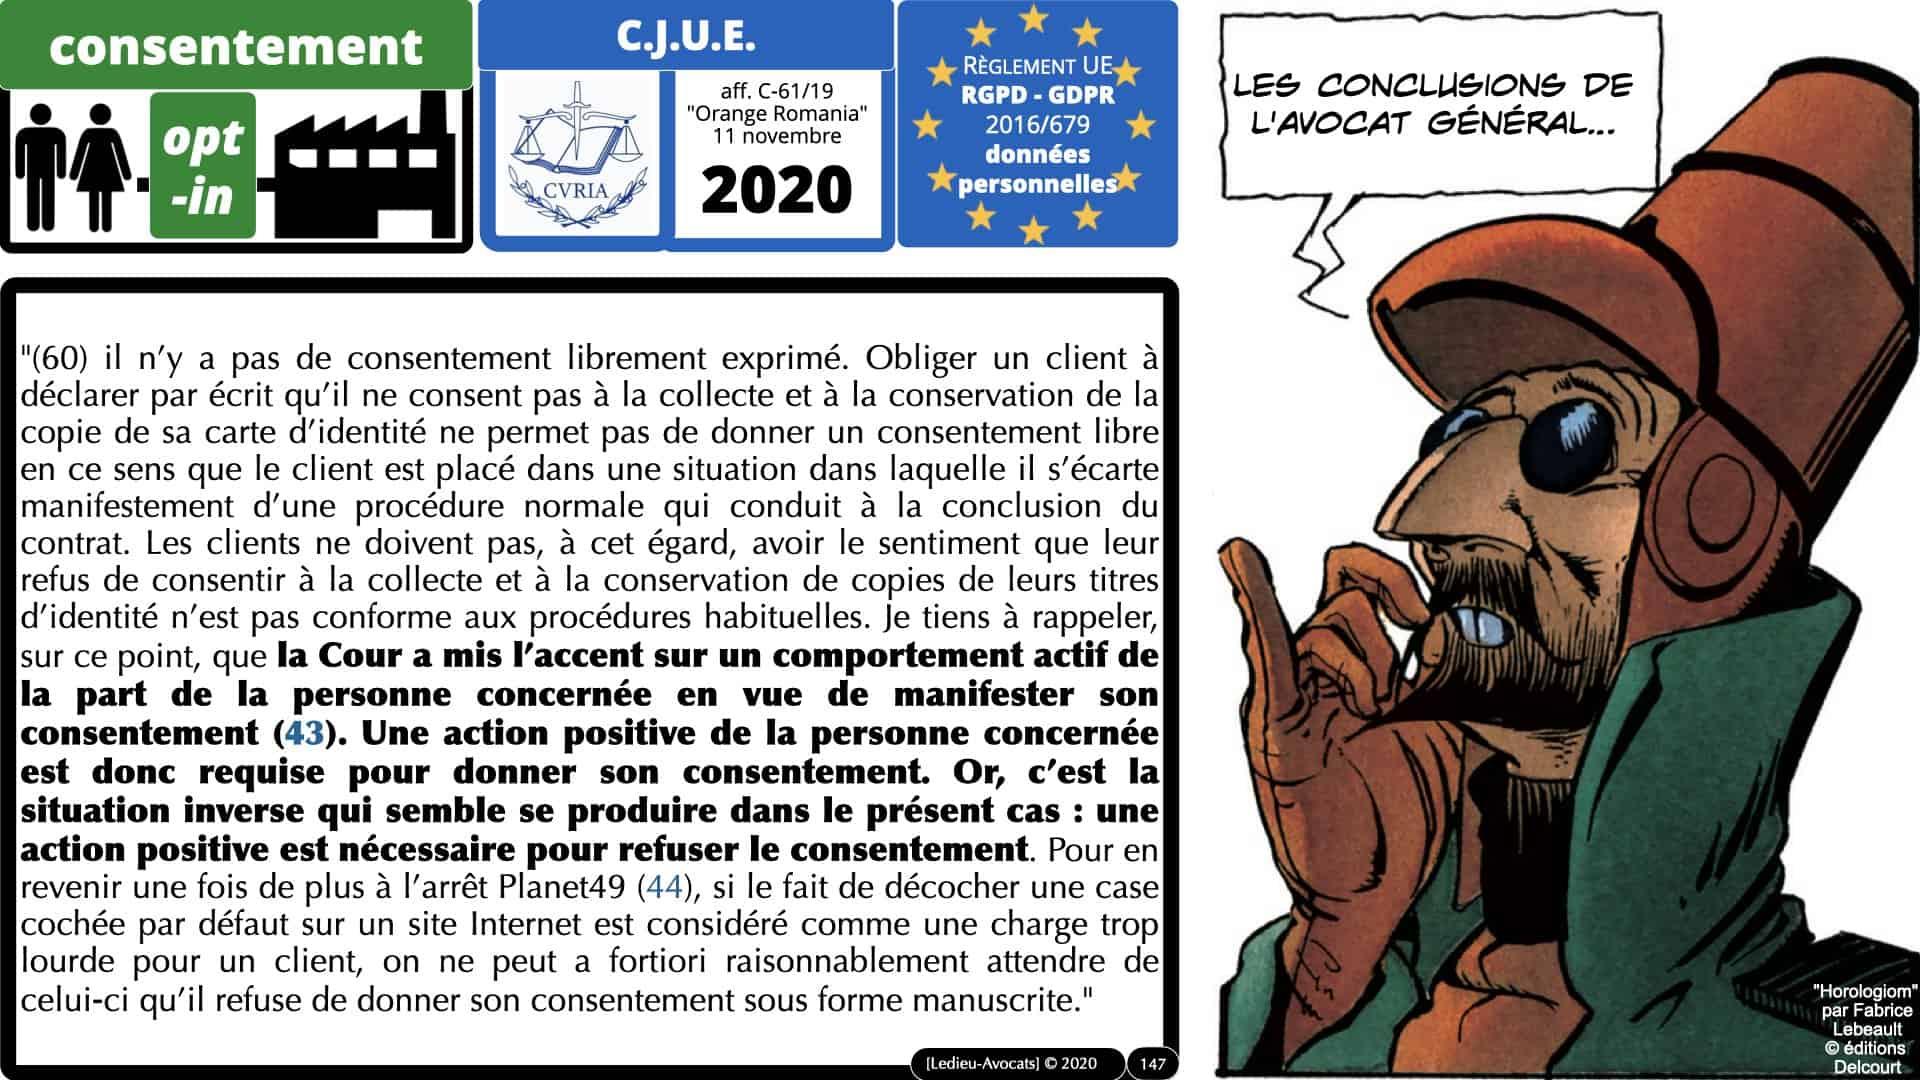 RGPD e-Privacy données personnelles jurisprudence formation Lamy Les Echos 10-02-2021 ©Ledieu-Avocats.147